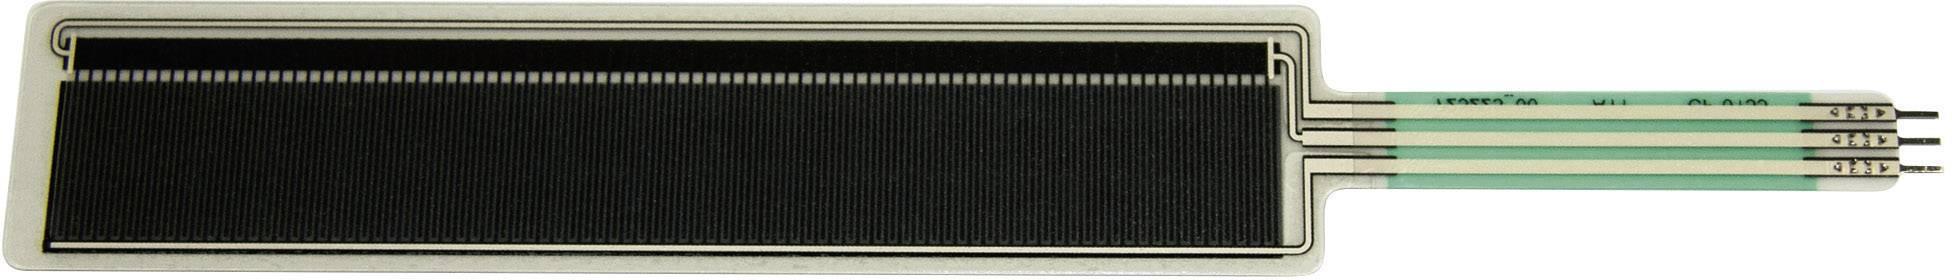 Senzor tlaku IEE CP29 (FSR155AS), 1.1 kg do 1.1 kg